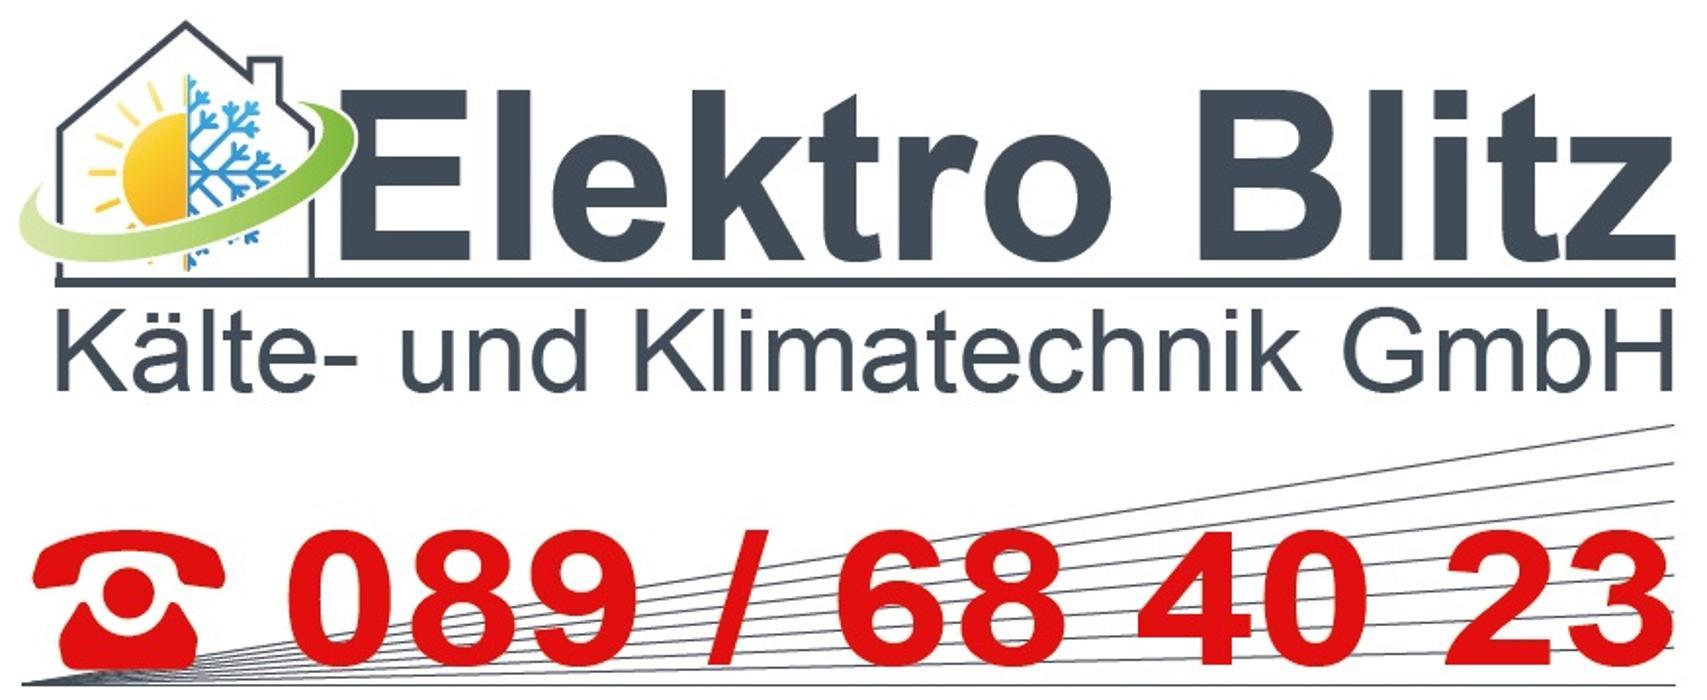 Bild zu Elektro Blitz Kälte- und Klimatechnik GmbH in München